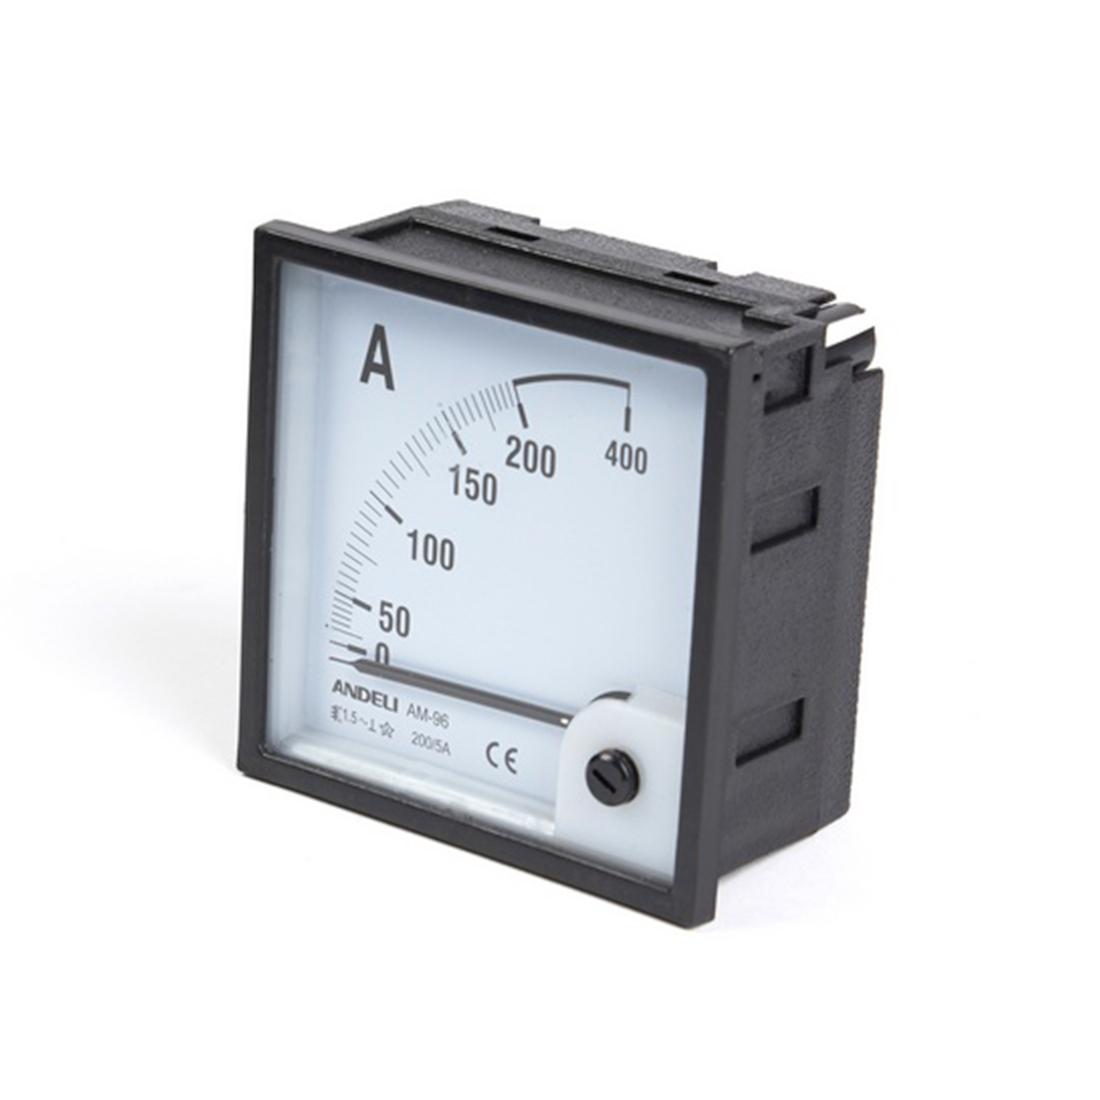 Амперметр ANDELI AM-72 AC 200 / 5A